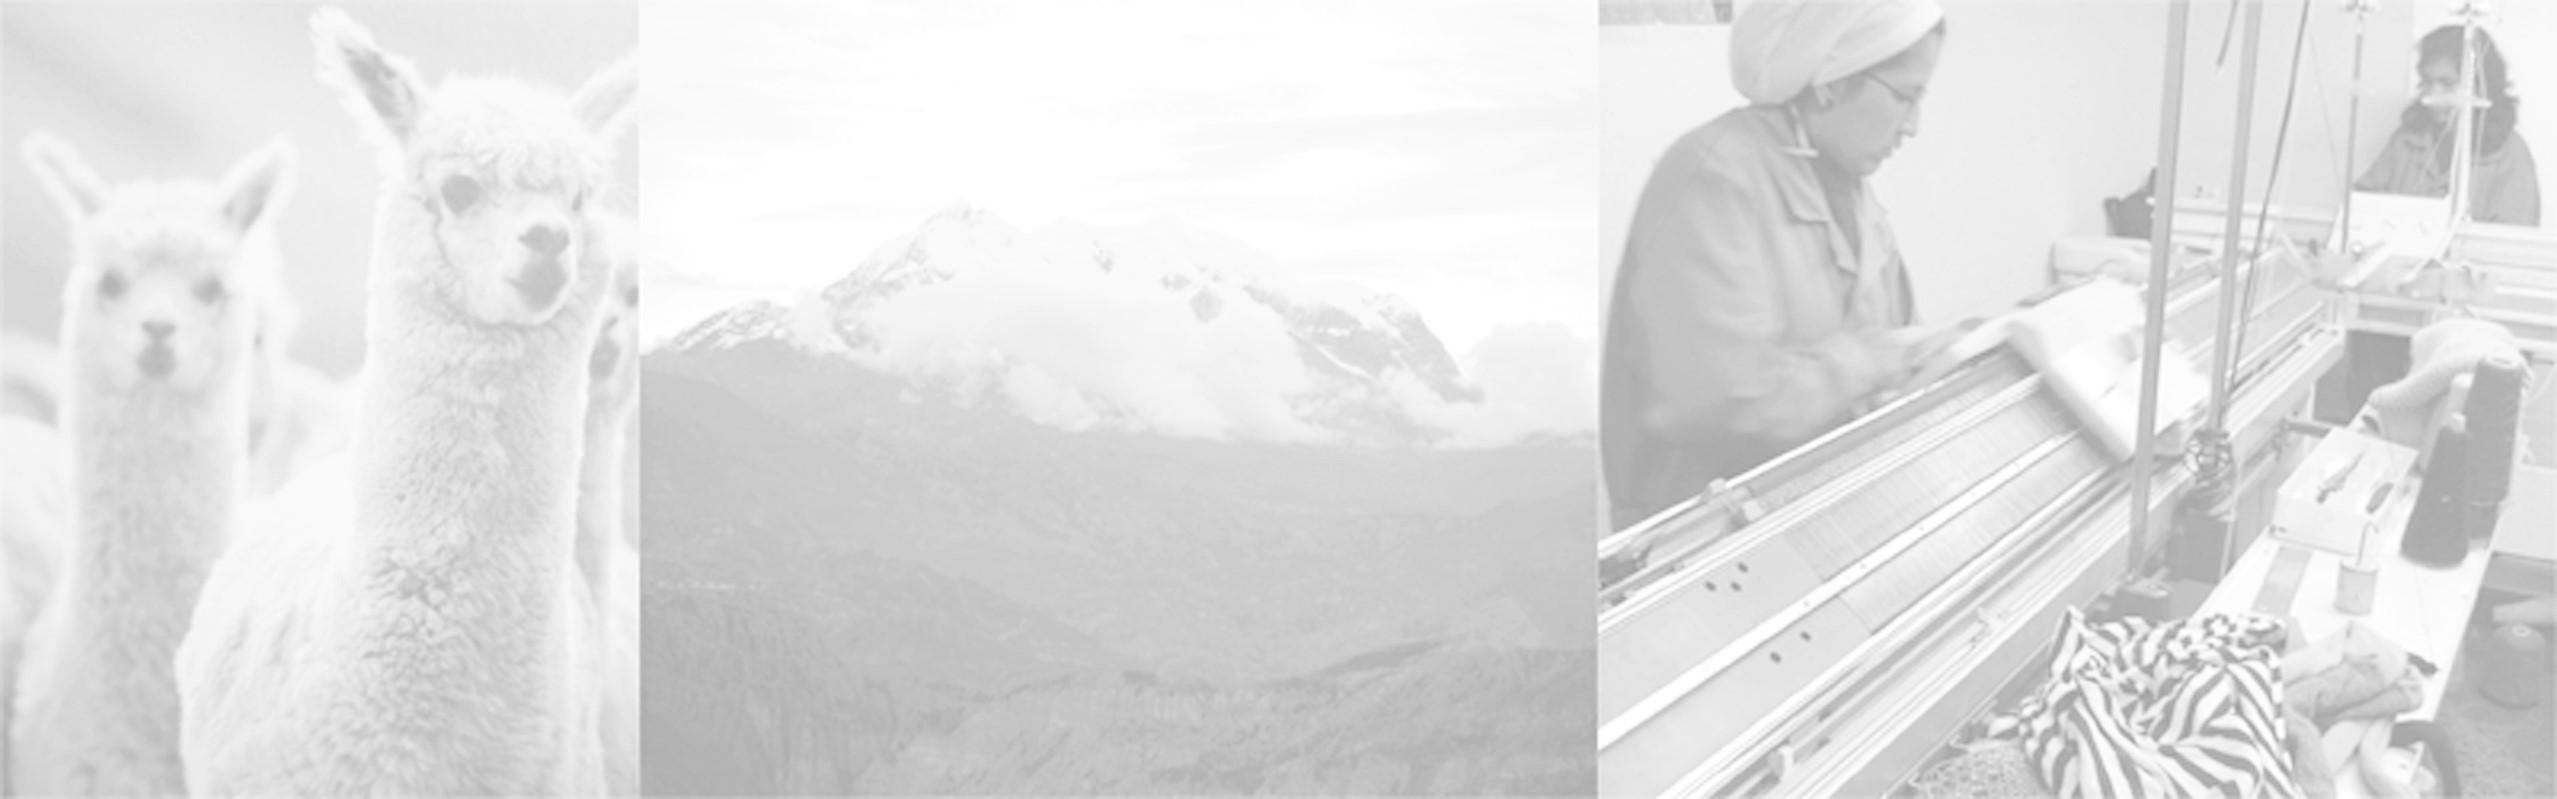 アルパカ100%のふわふわワッフル地のキッズ用ニットキャップ!! これで寒い冬も平気!